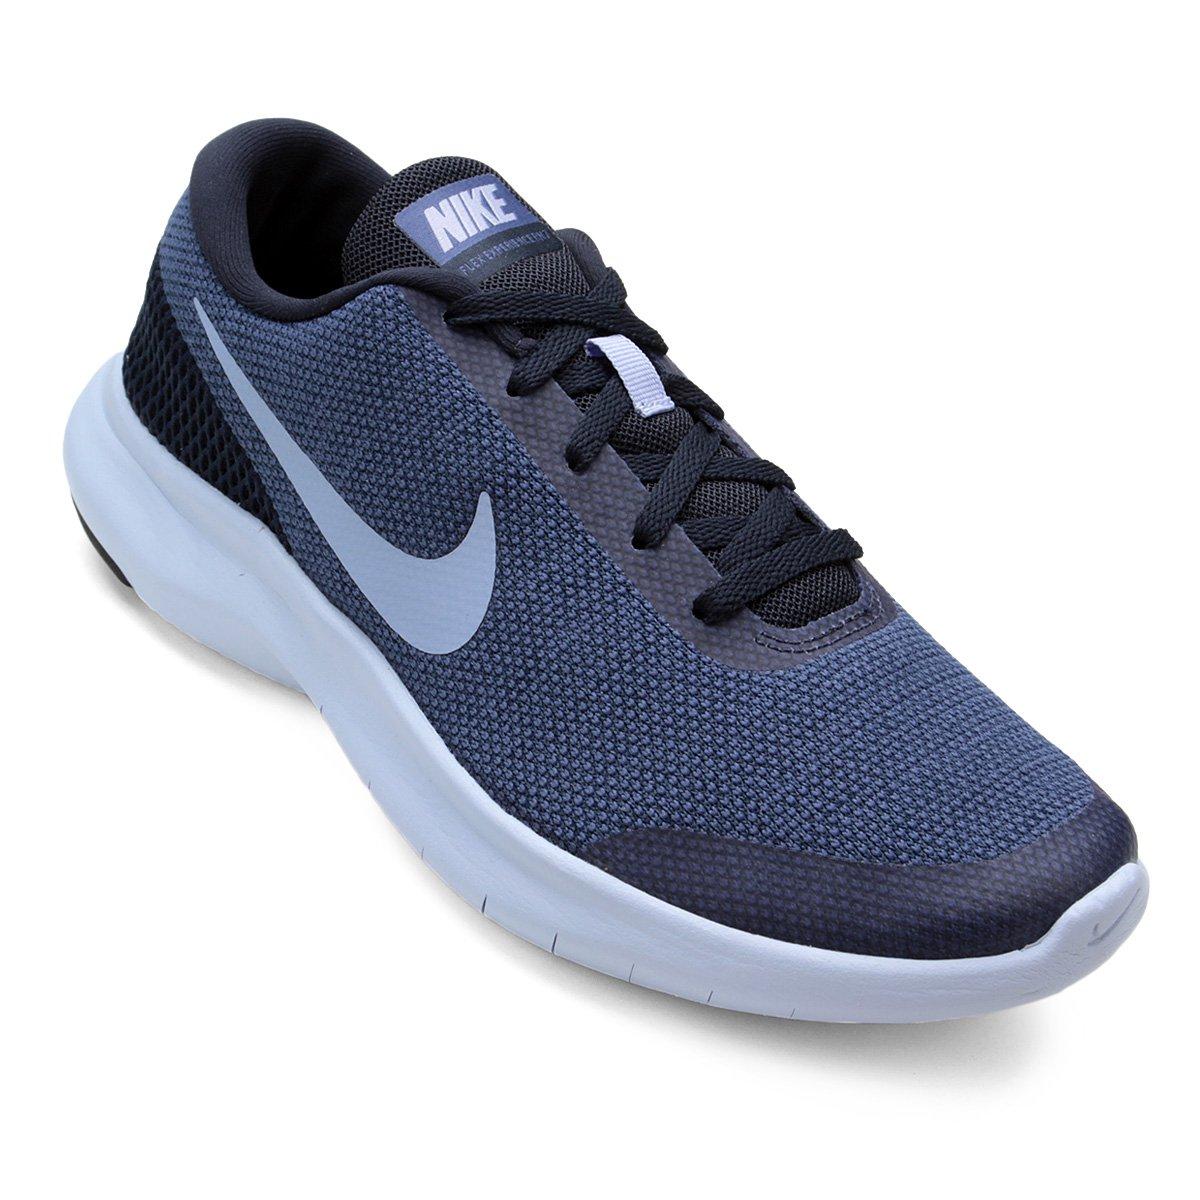 5adbcb32a5f06 Tênis Nike Flex Experience RN 7 Feminino - Azul e Cinza - Compre Agora